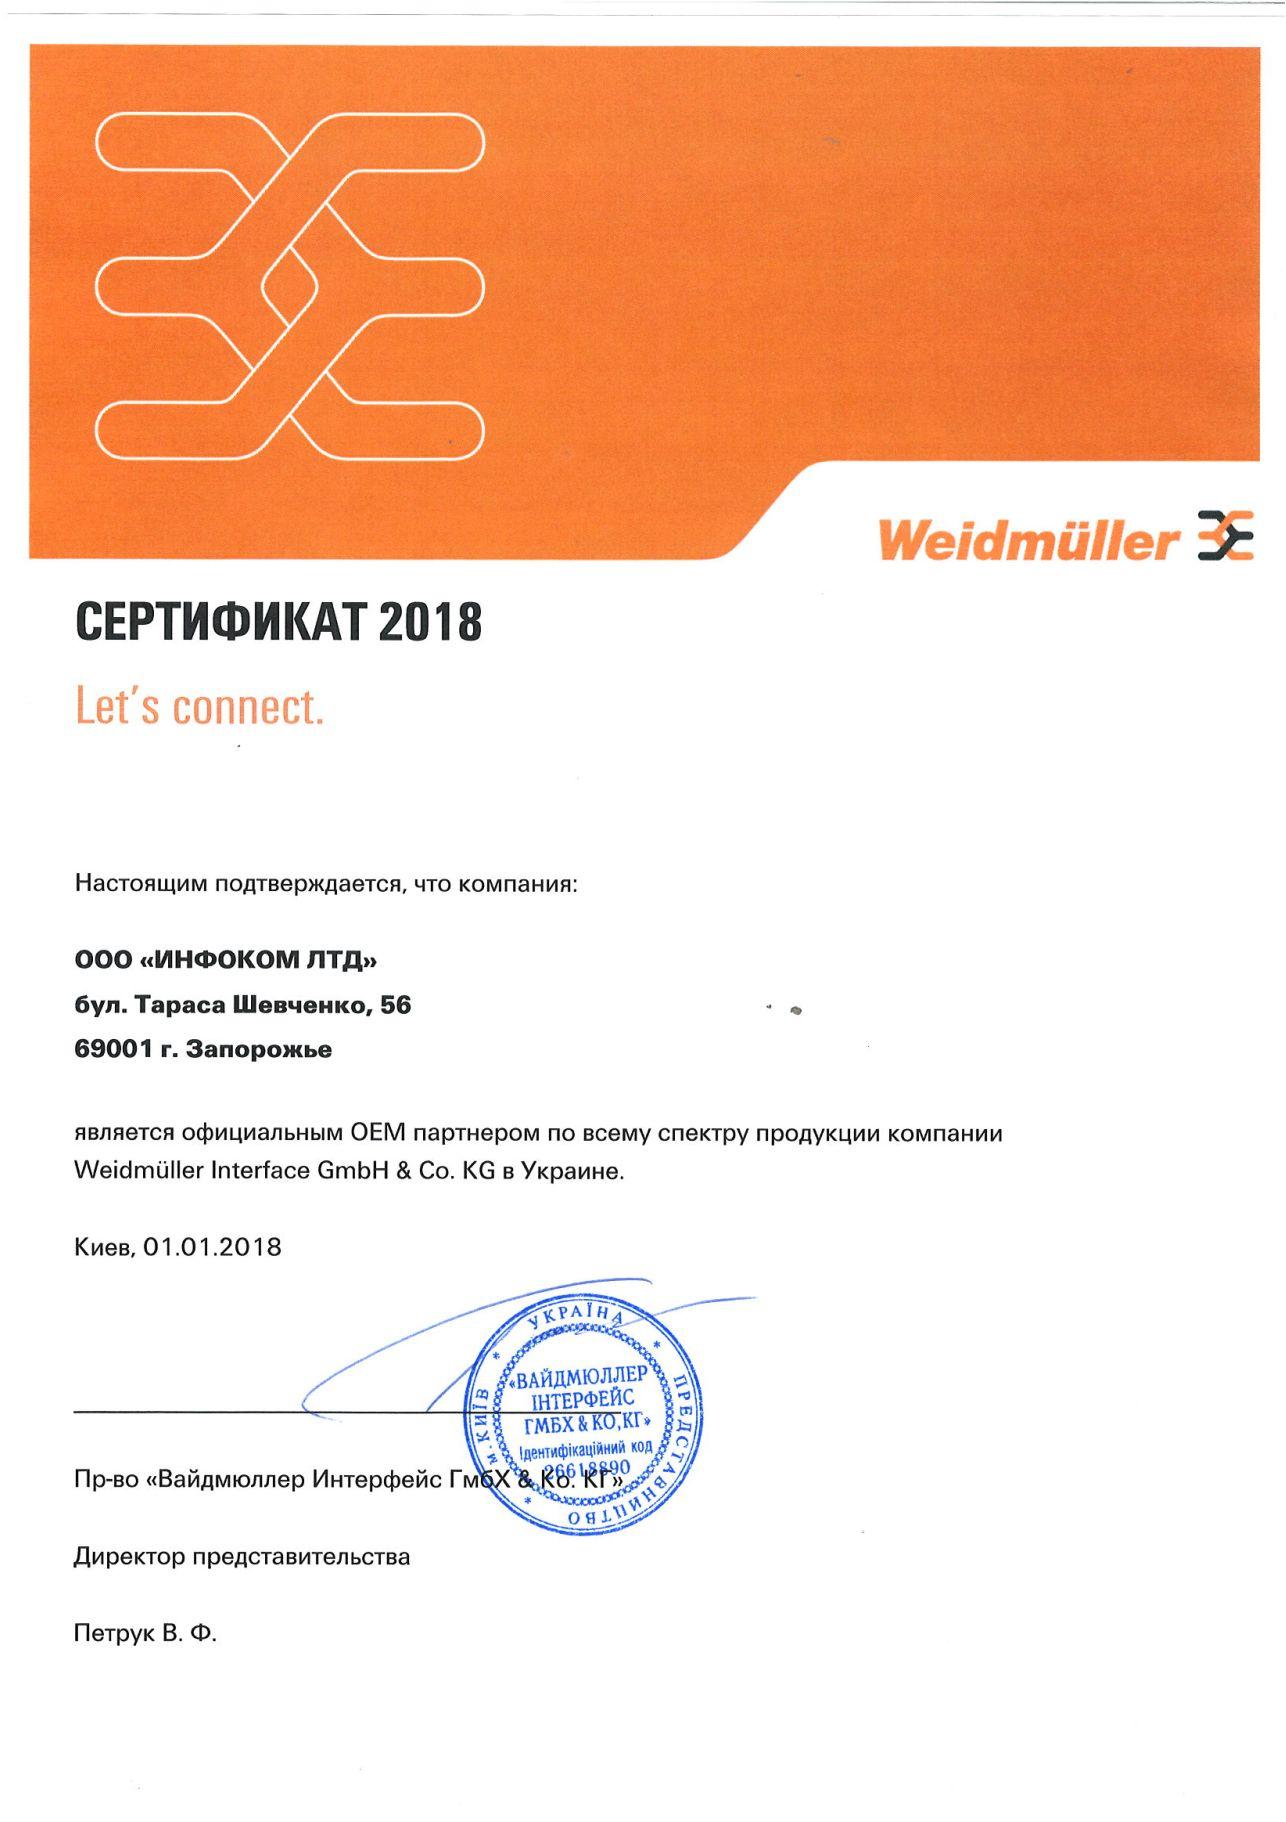 2018 Weidmuller